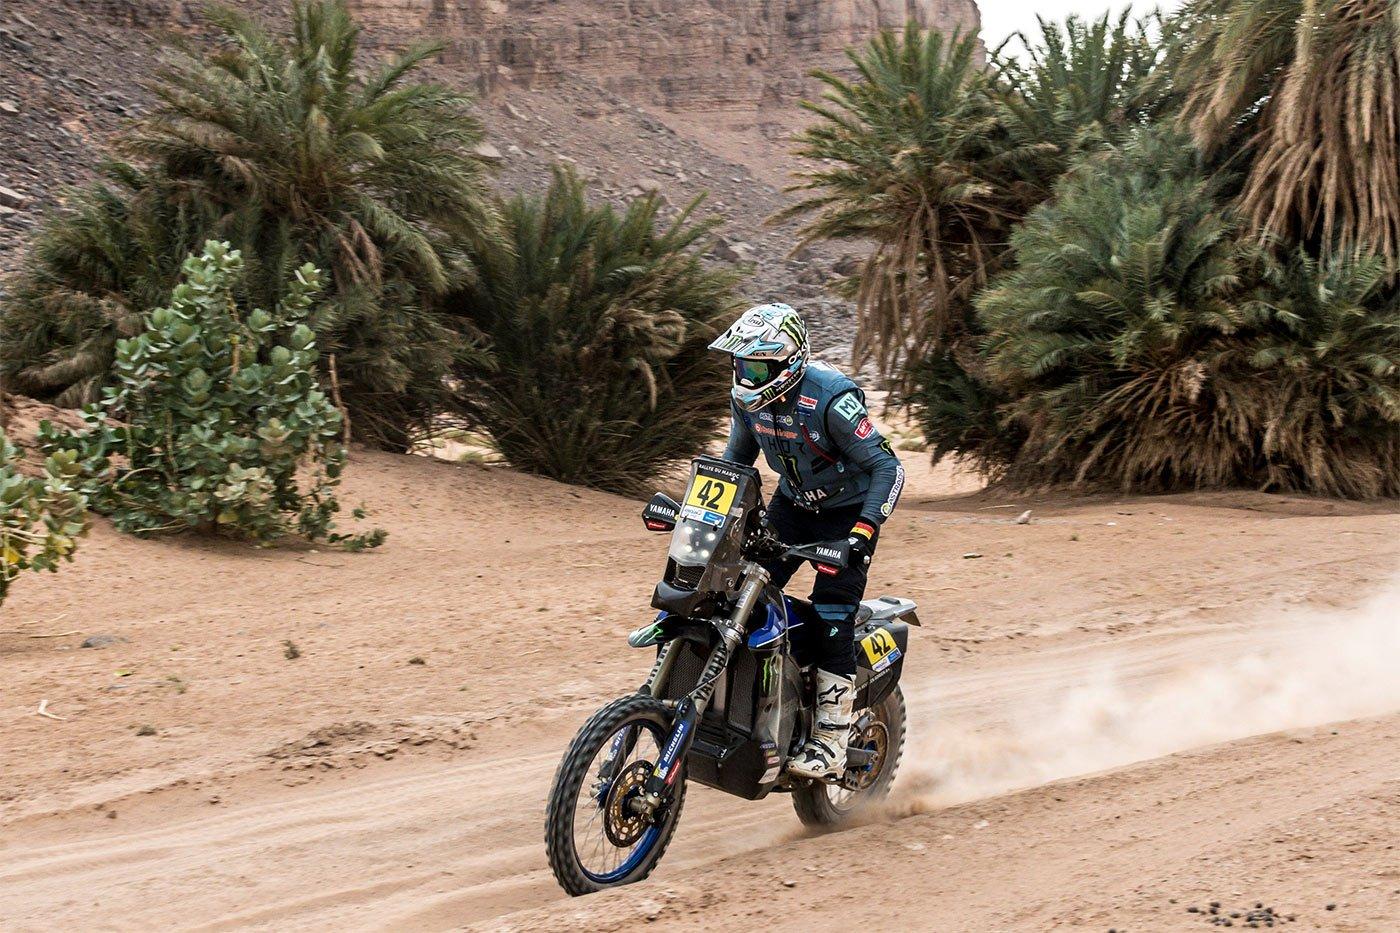 Adrien Van Beveren at the The Rally 2021 du Maroc